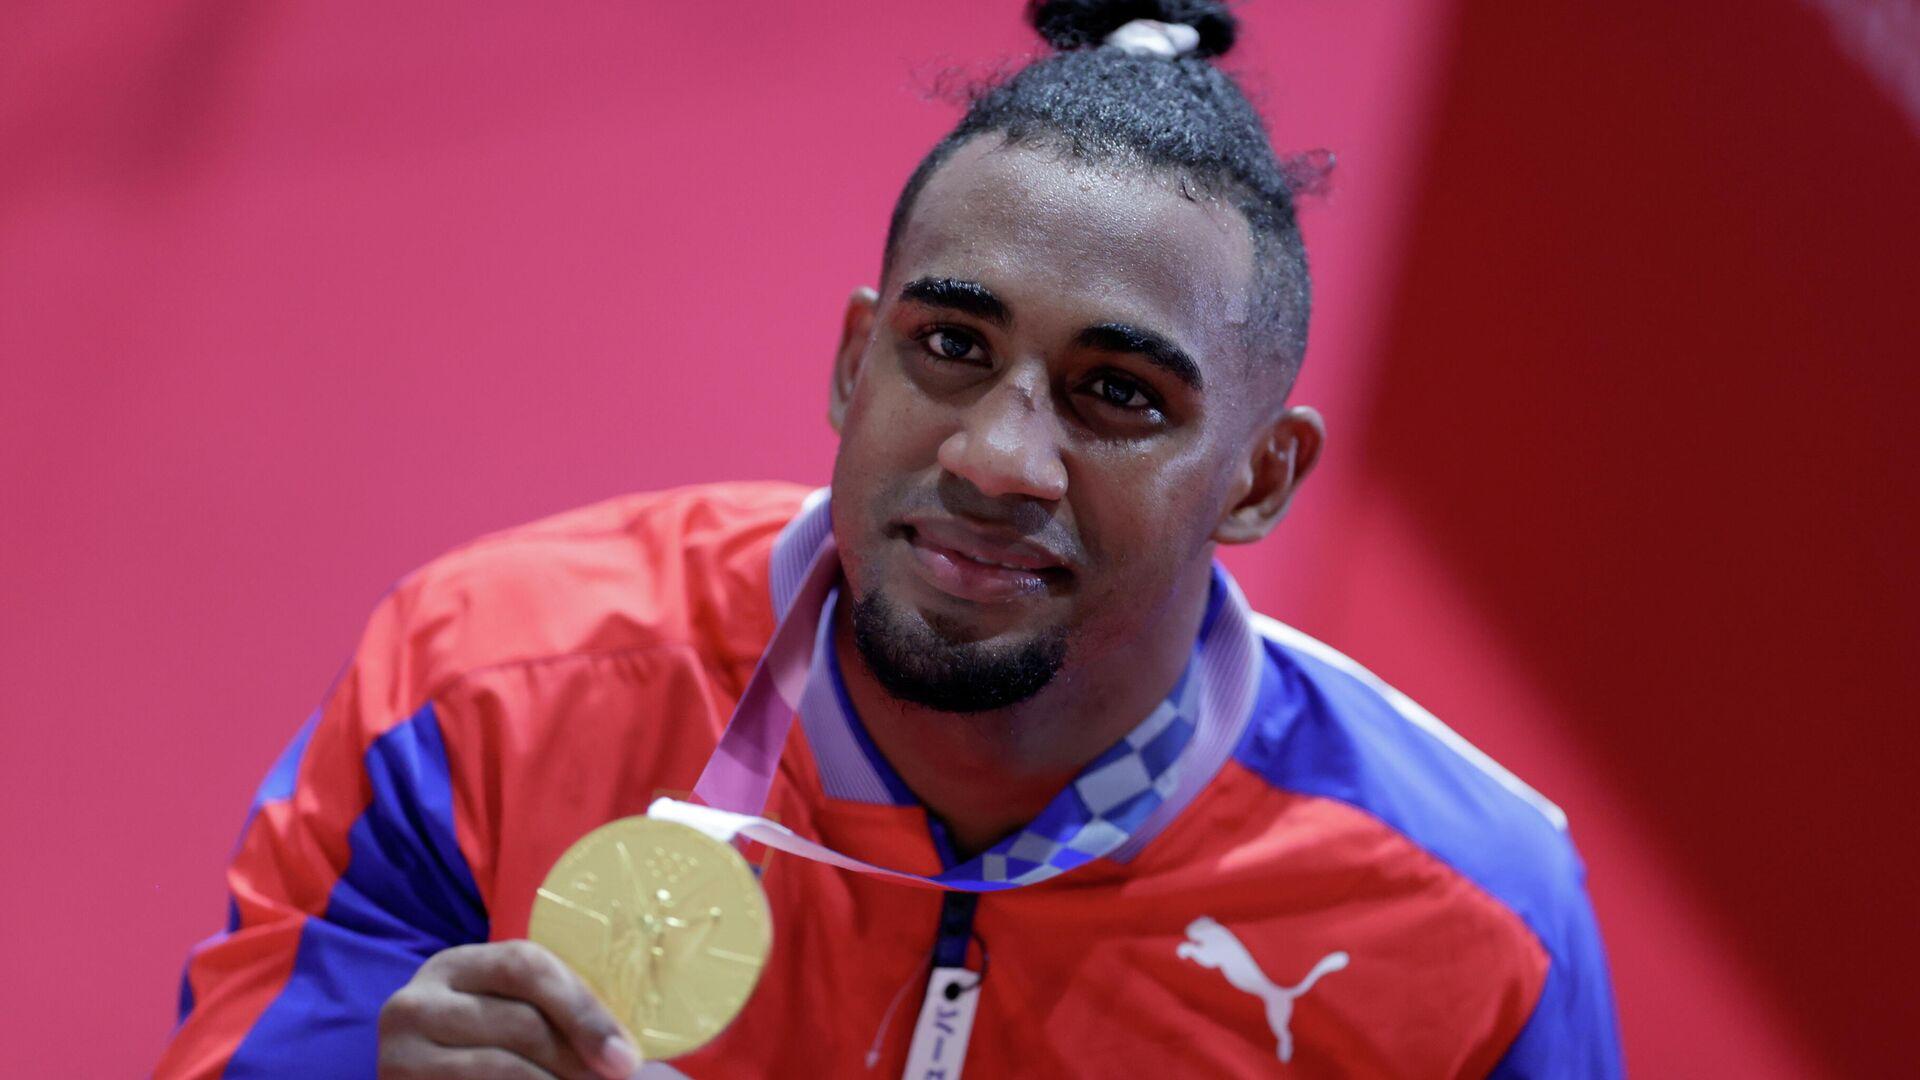 El boxeador cubano Arlen López, ganador de la medalla de oro - Sputnik Mundo, 1920, 04.08.2021